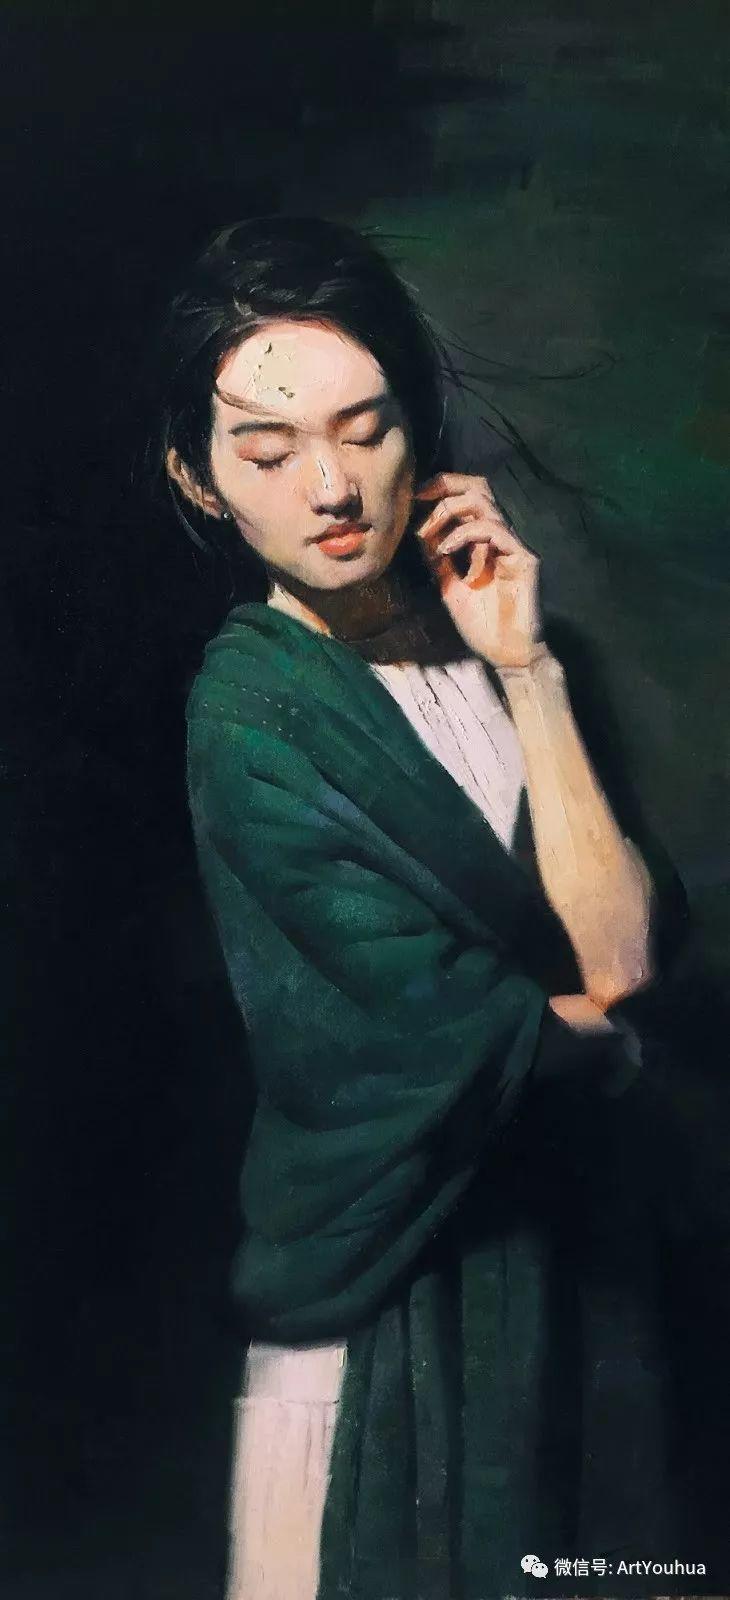 他的人物肖像绘画独具一格 还是位80后画家插图3